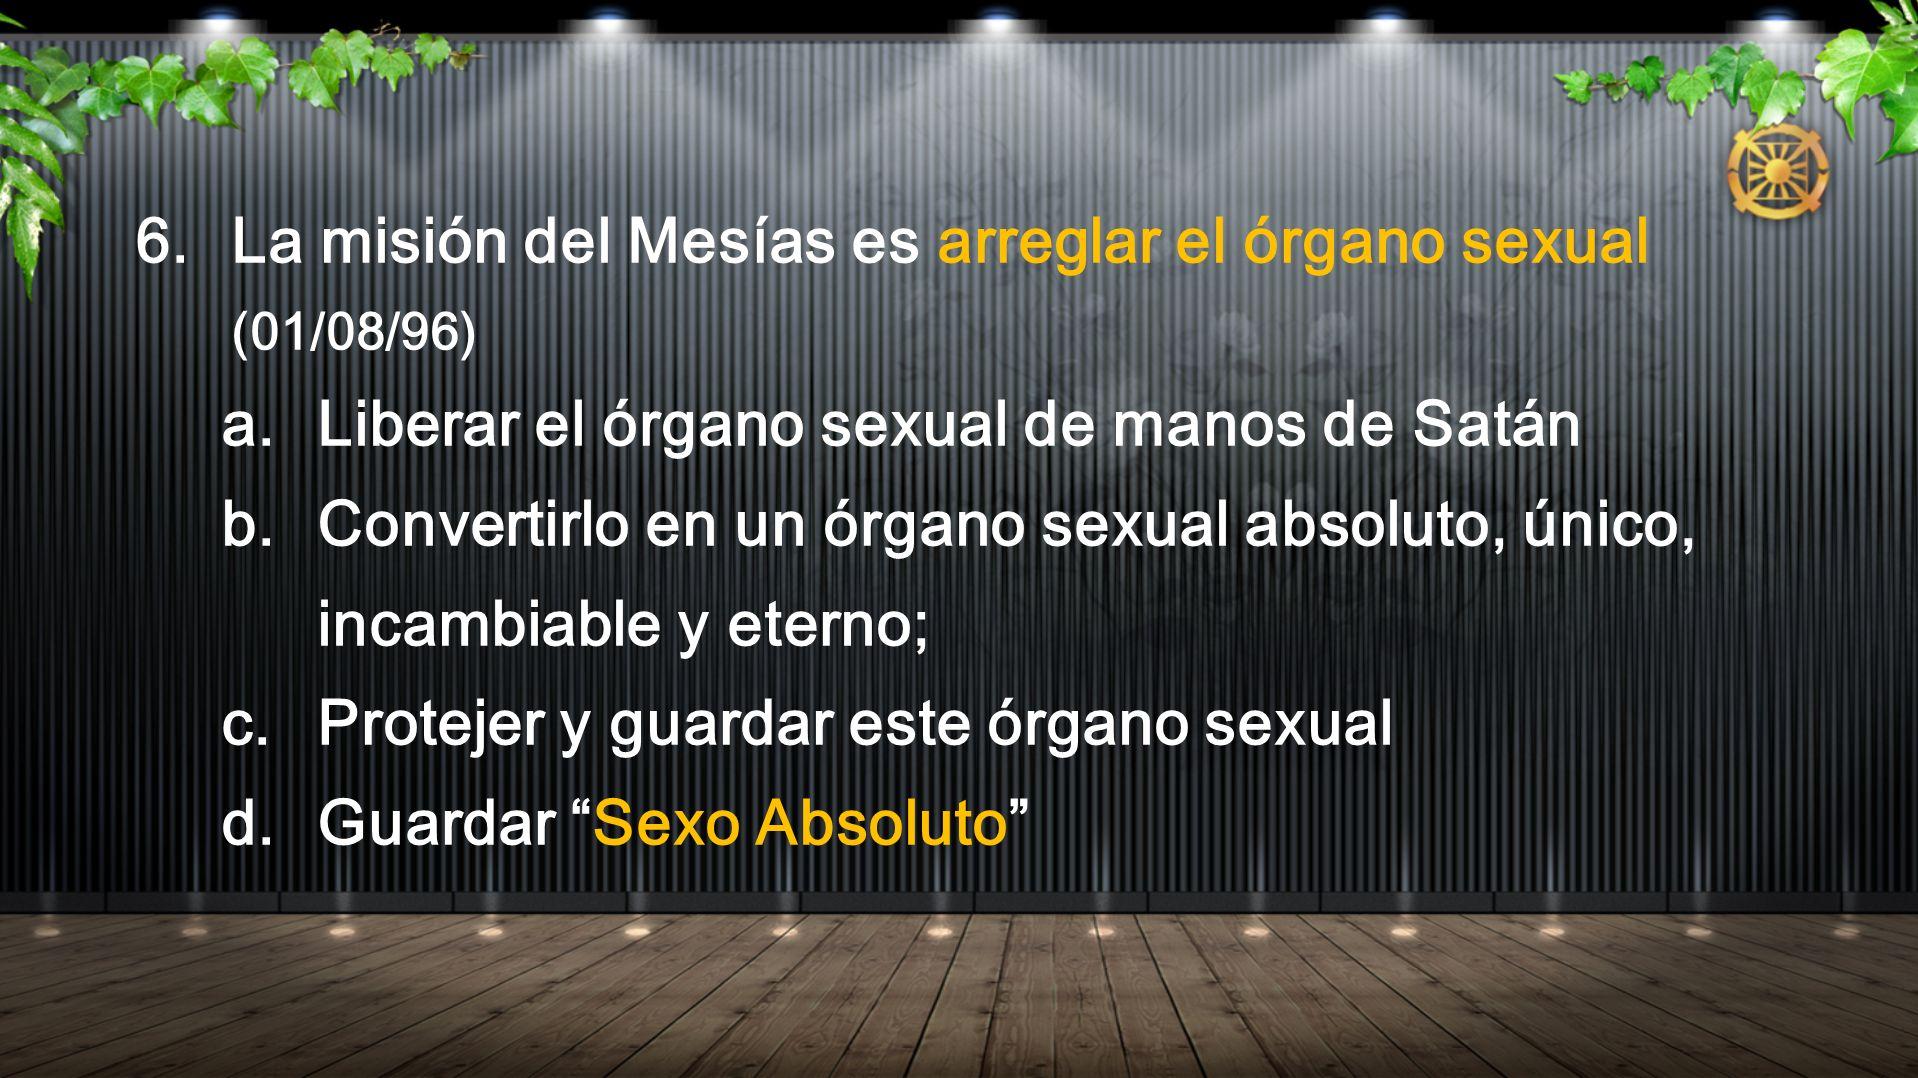 6. La misión del Mesías es arreglar el órgano sexual (01/08/96) a. Liberar el órgano sexual de manos de Satán b. Convertirlo en un órgano sexual absol